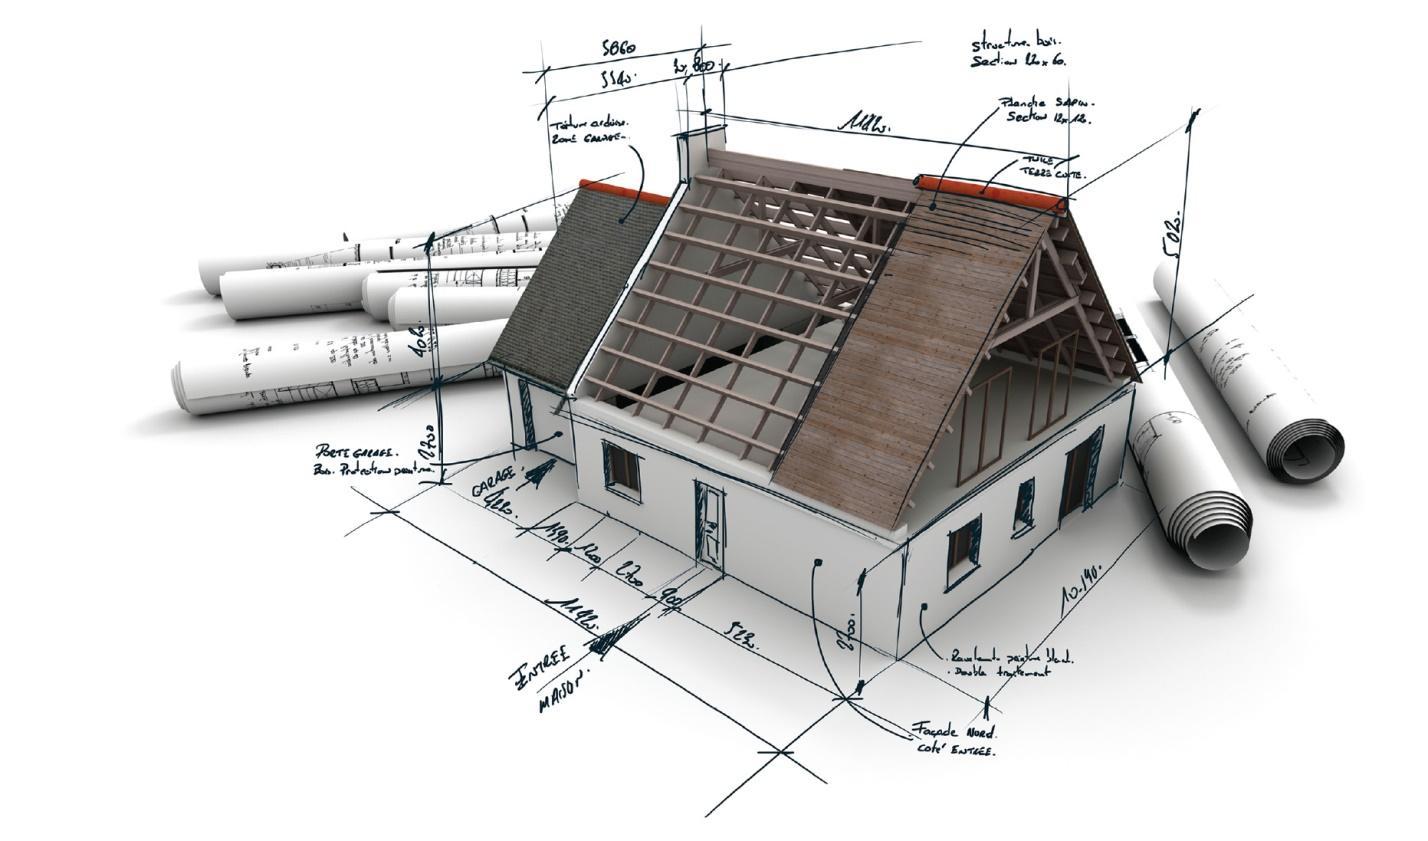 Tại sao lên chọn công ty thiết kế kiến trúc khi xây dựng